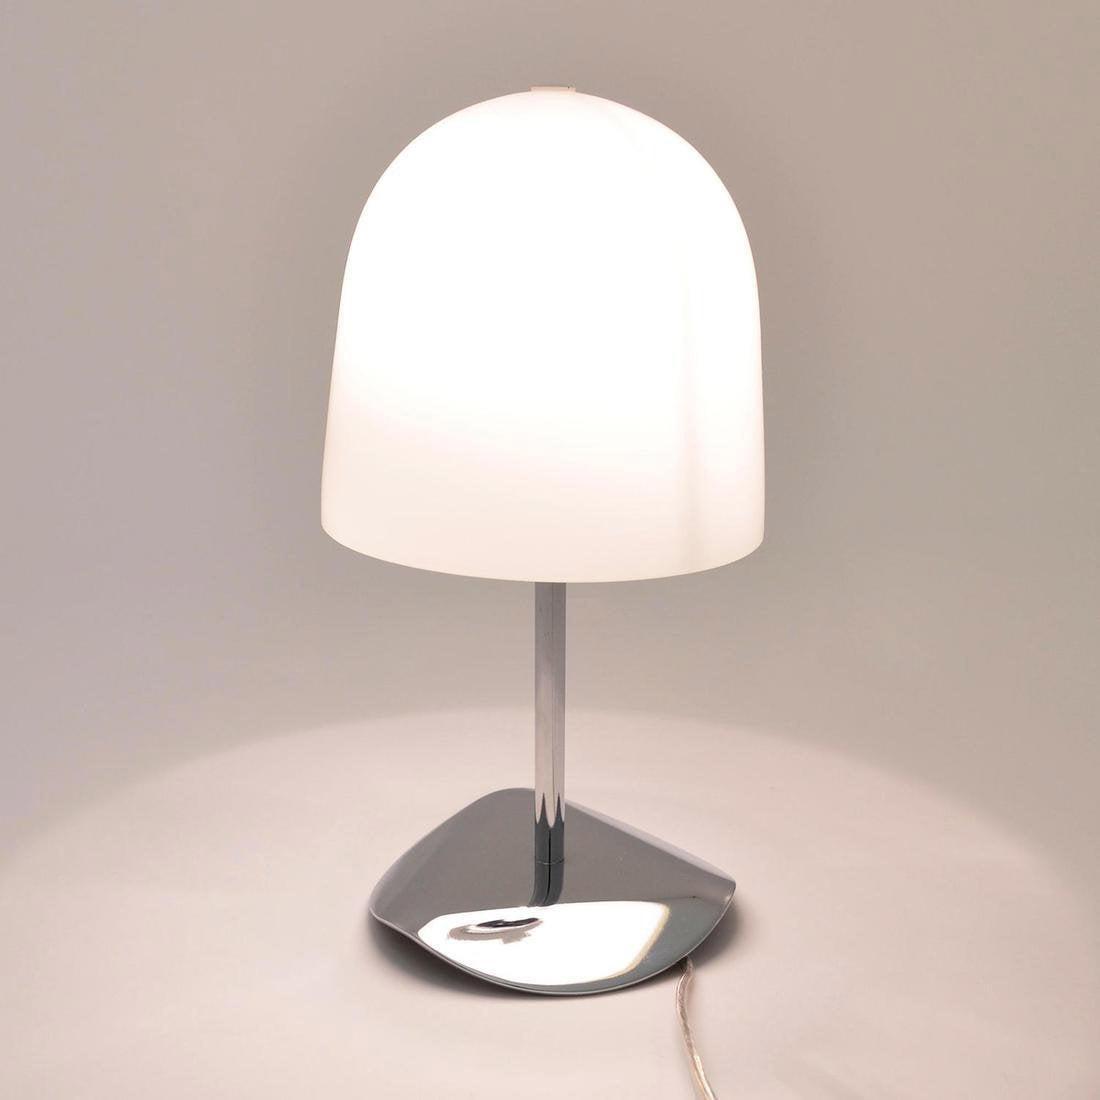 Lampe, design, verre blanc et chromé Shiny